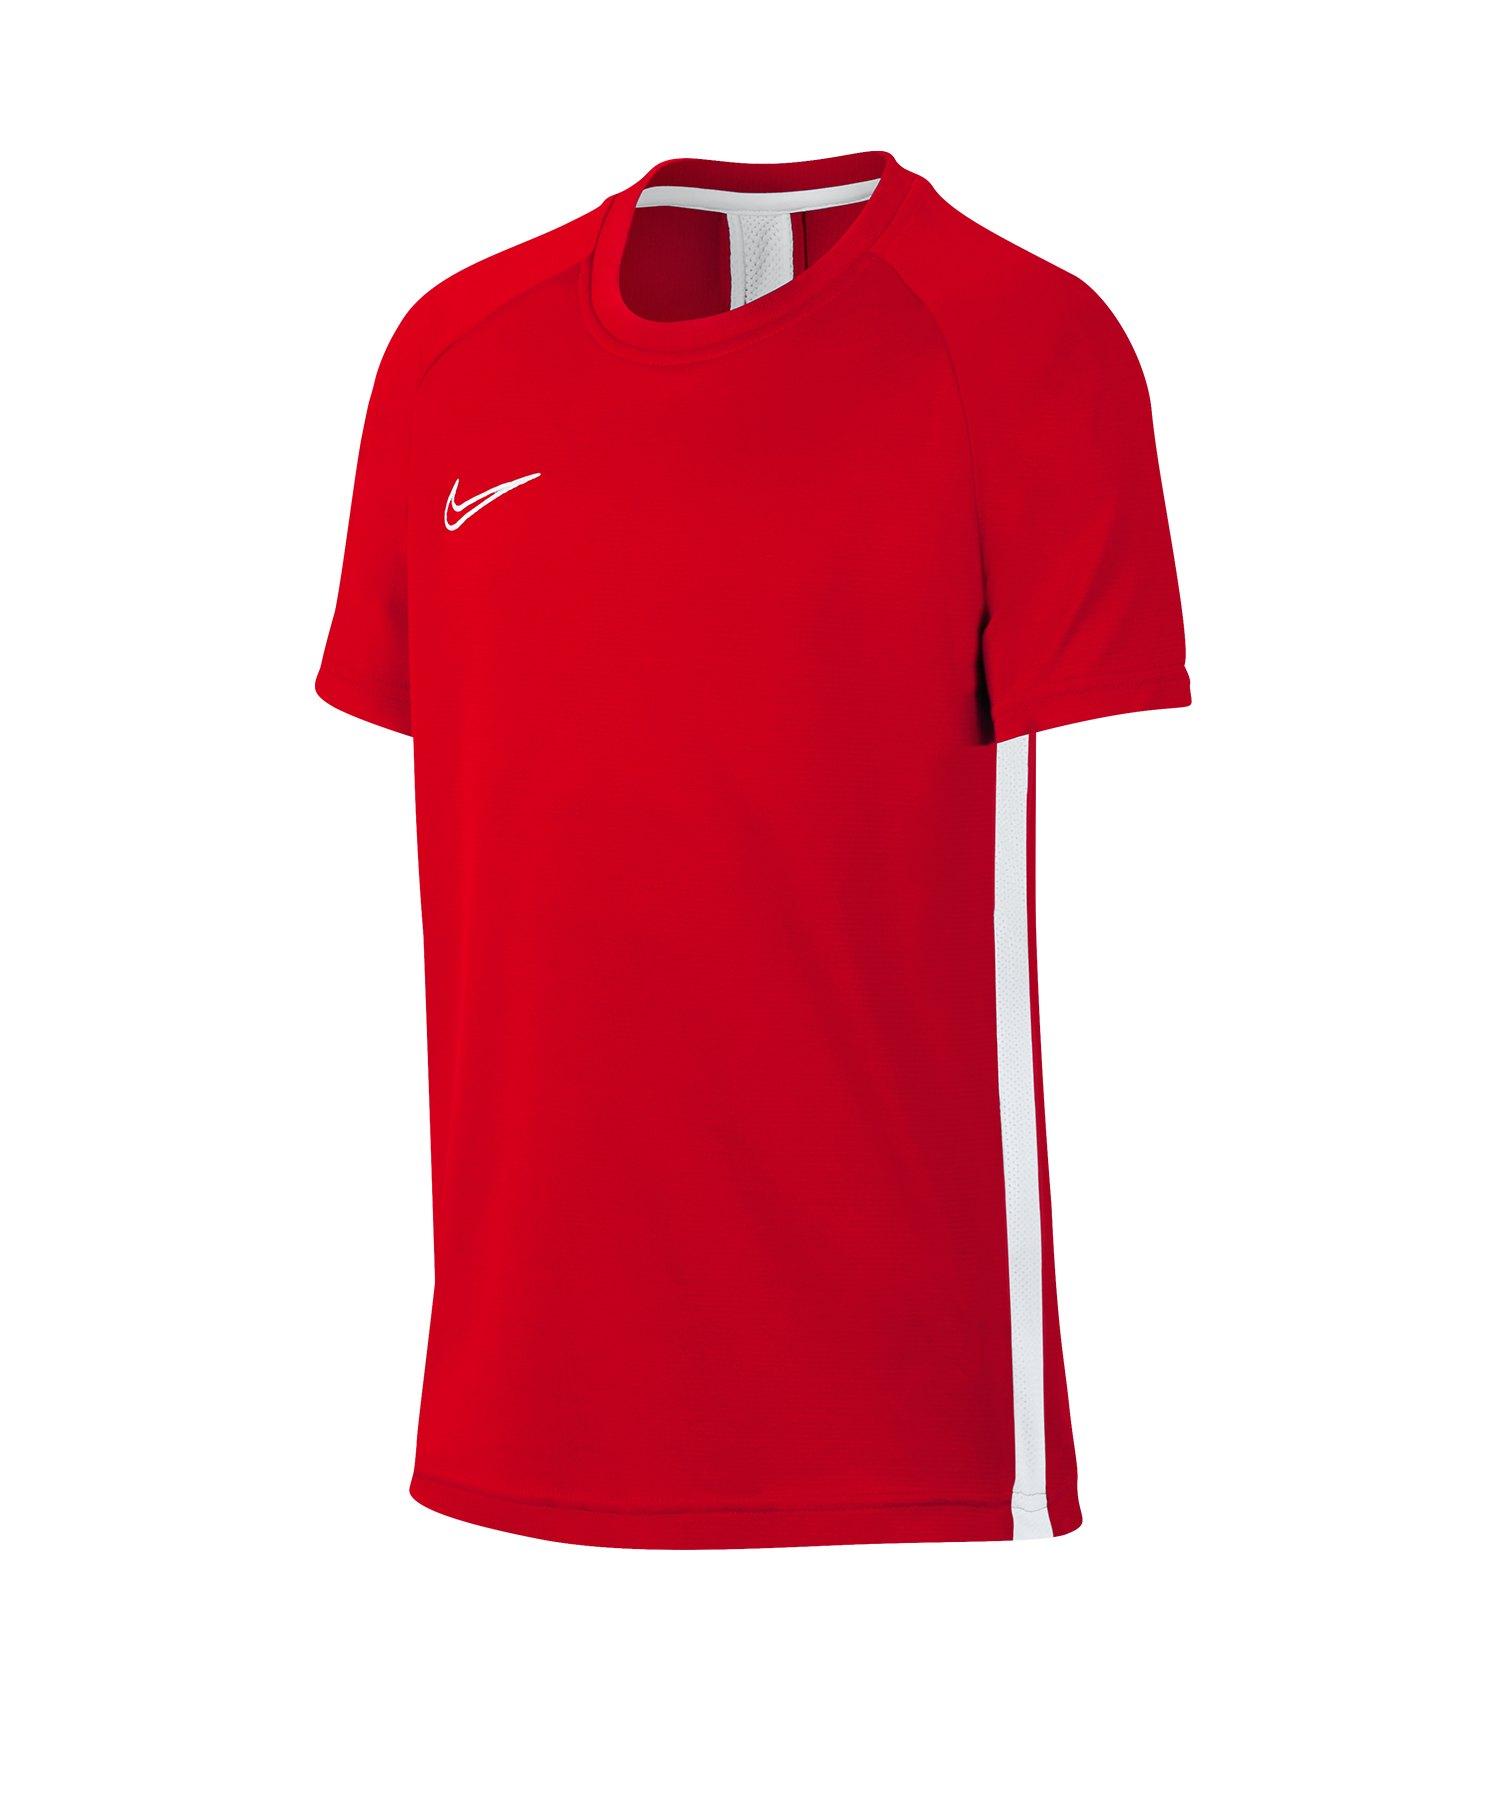 Nike Academy Dri-FIT Top T-Shirt Kids Rot F657 - rot